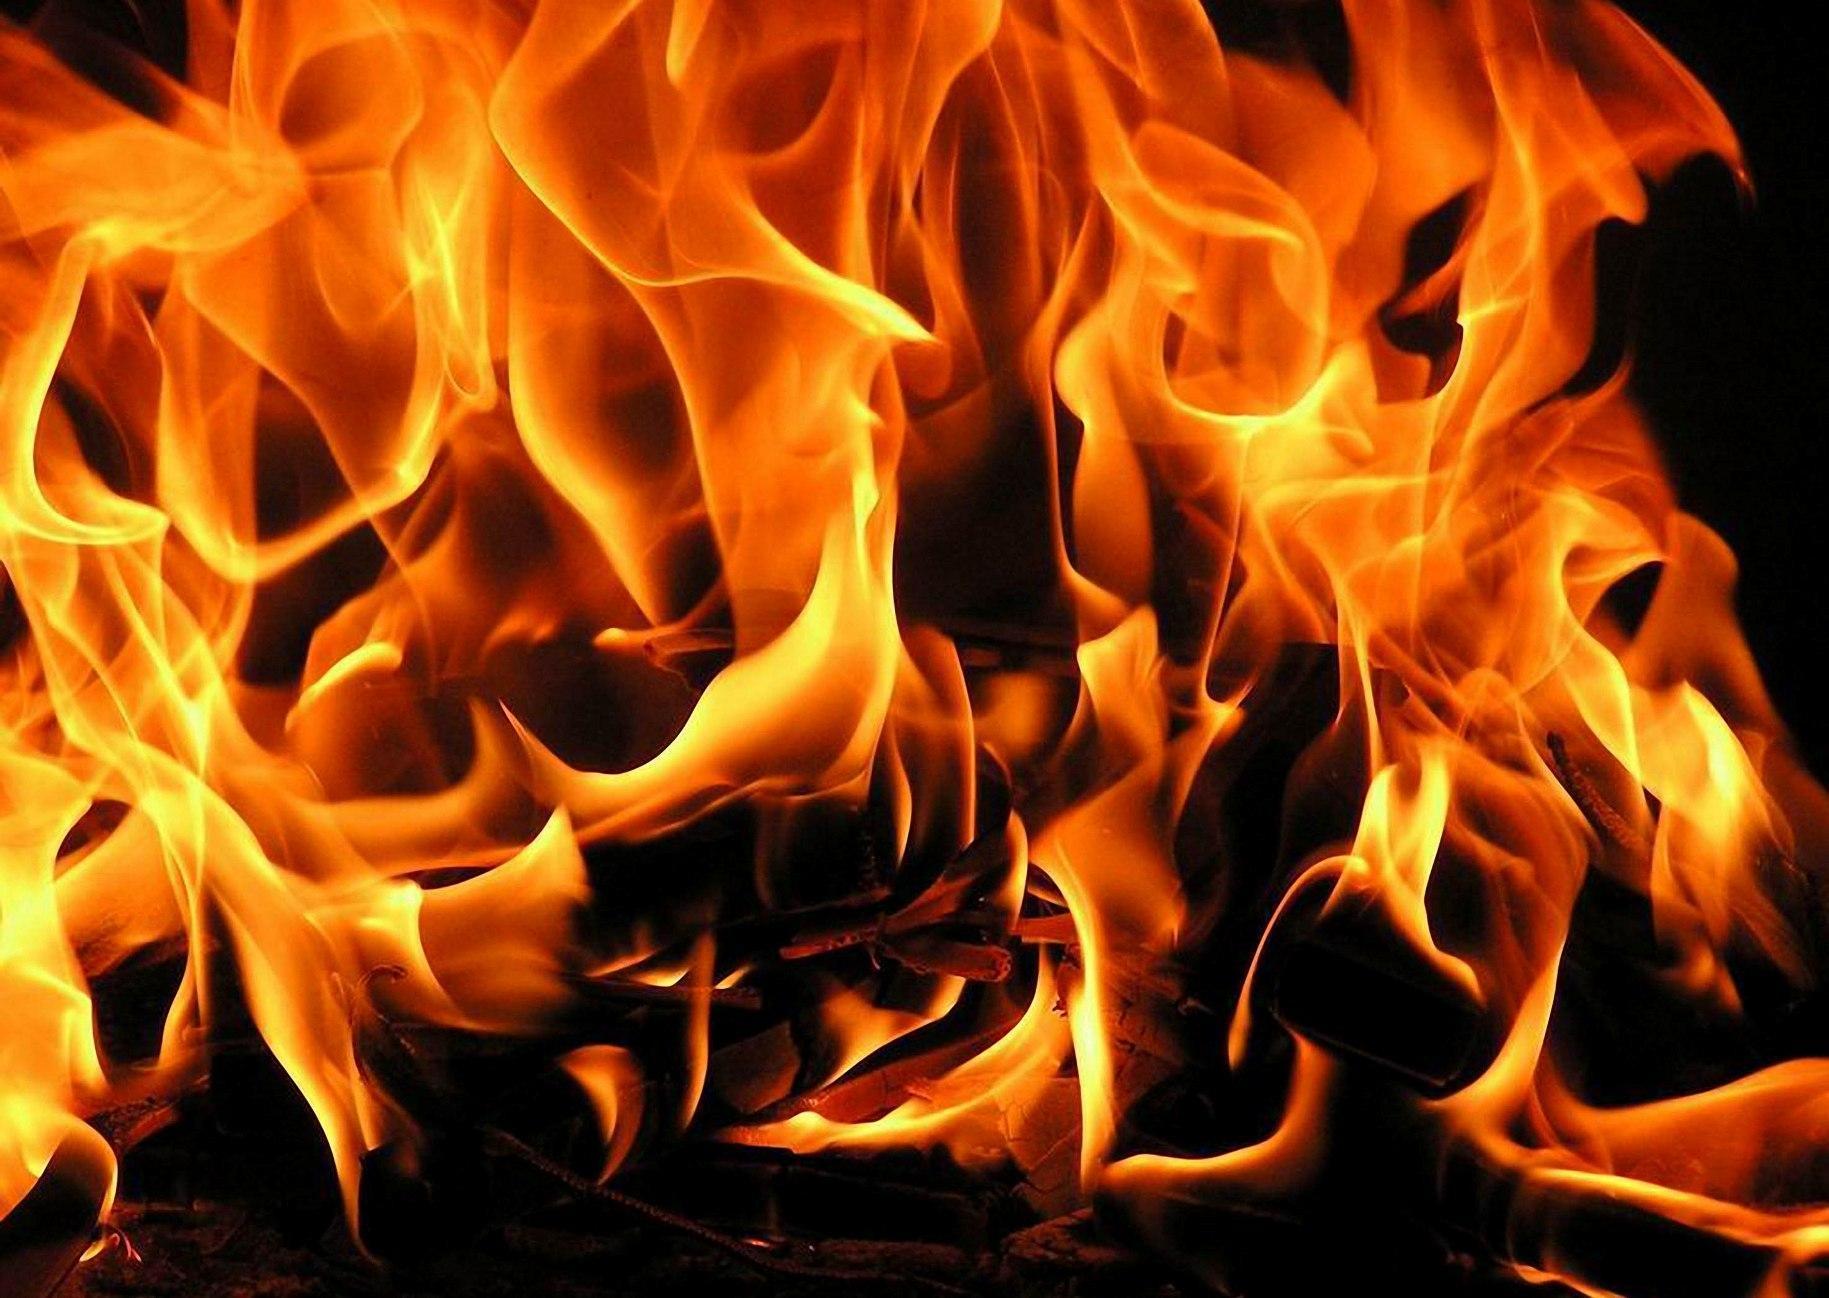 Kelly Fire Wallpaper Free: Fire Wallpapers Free